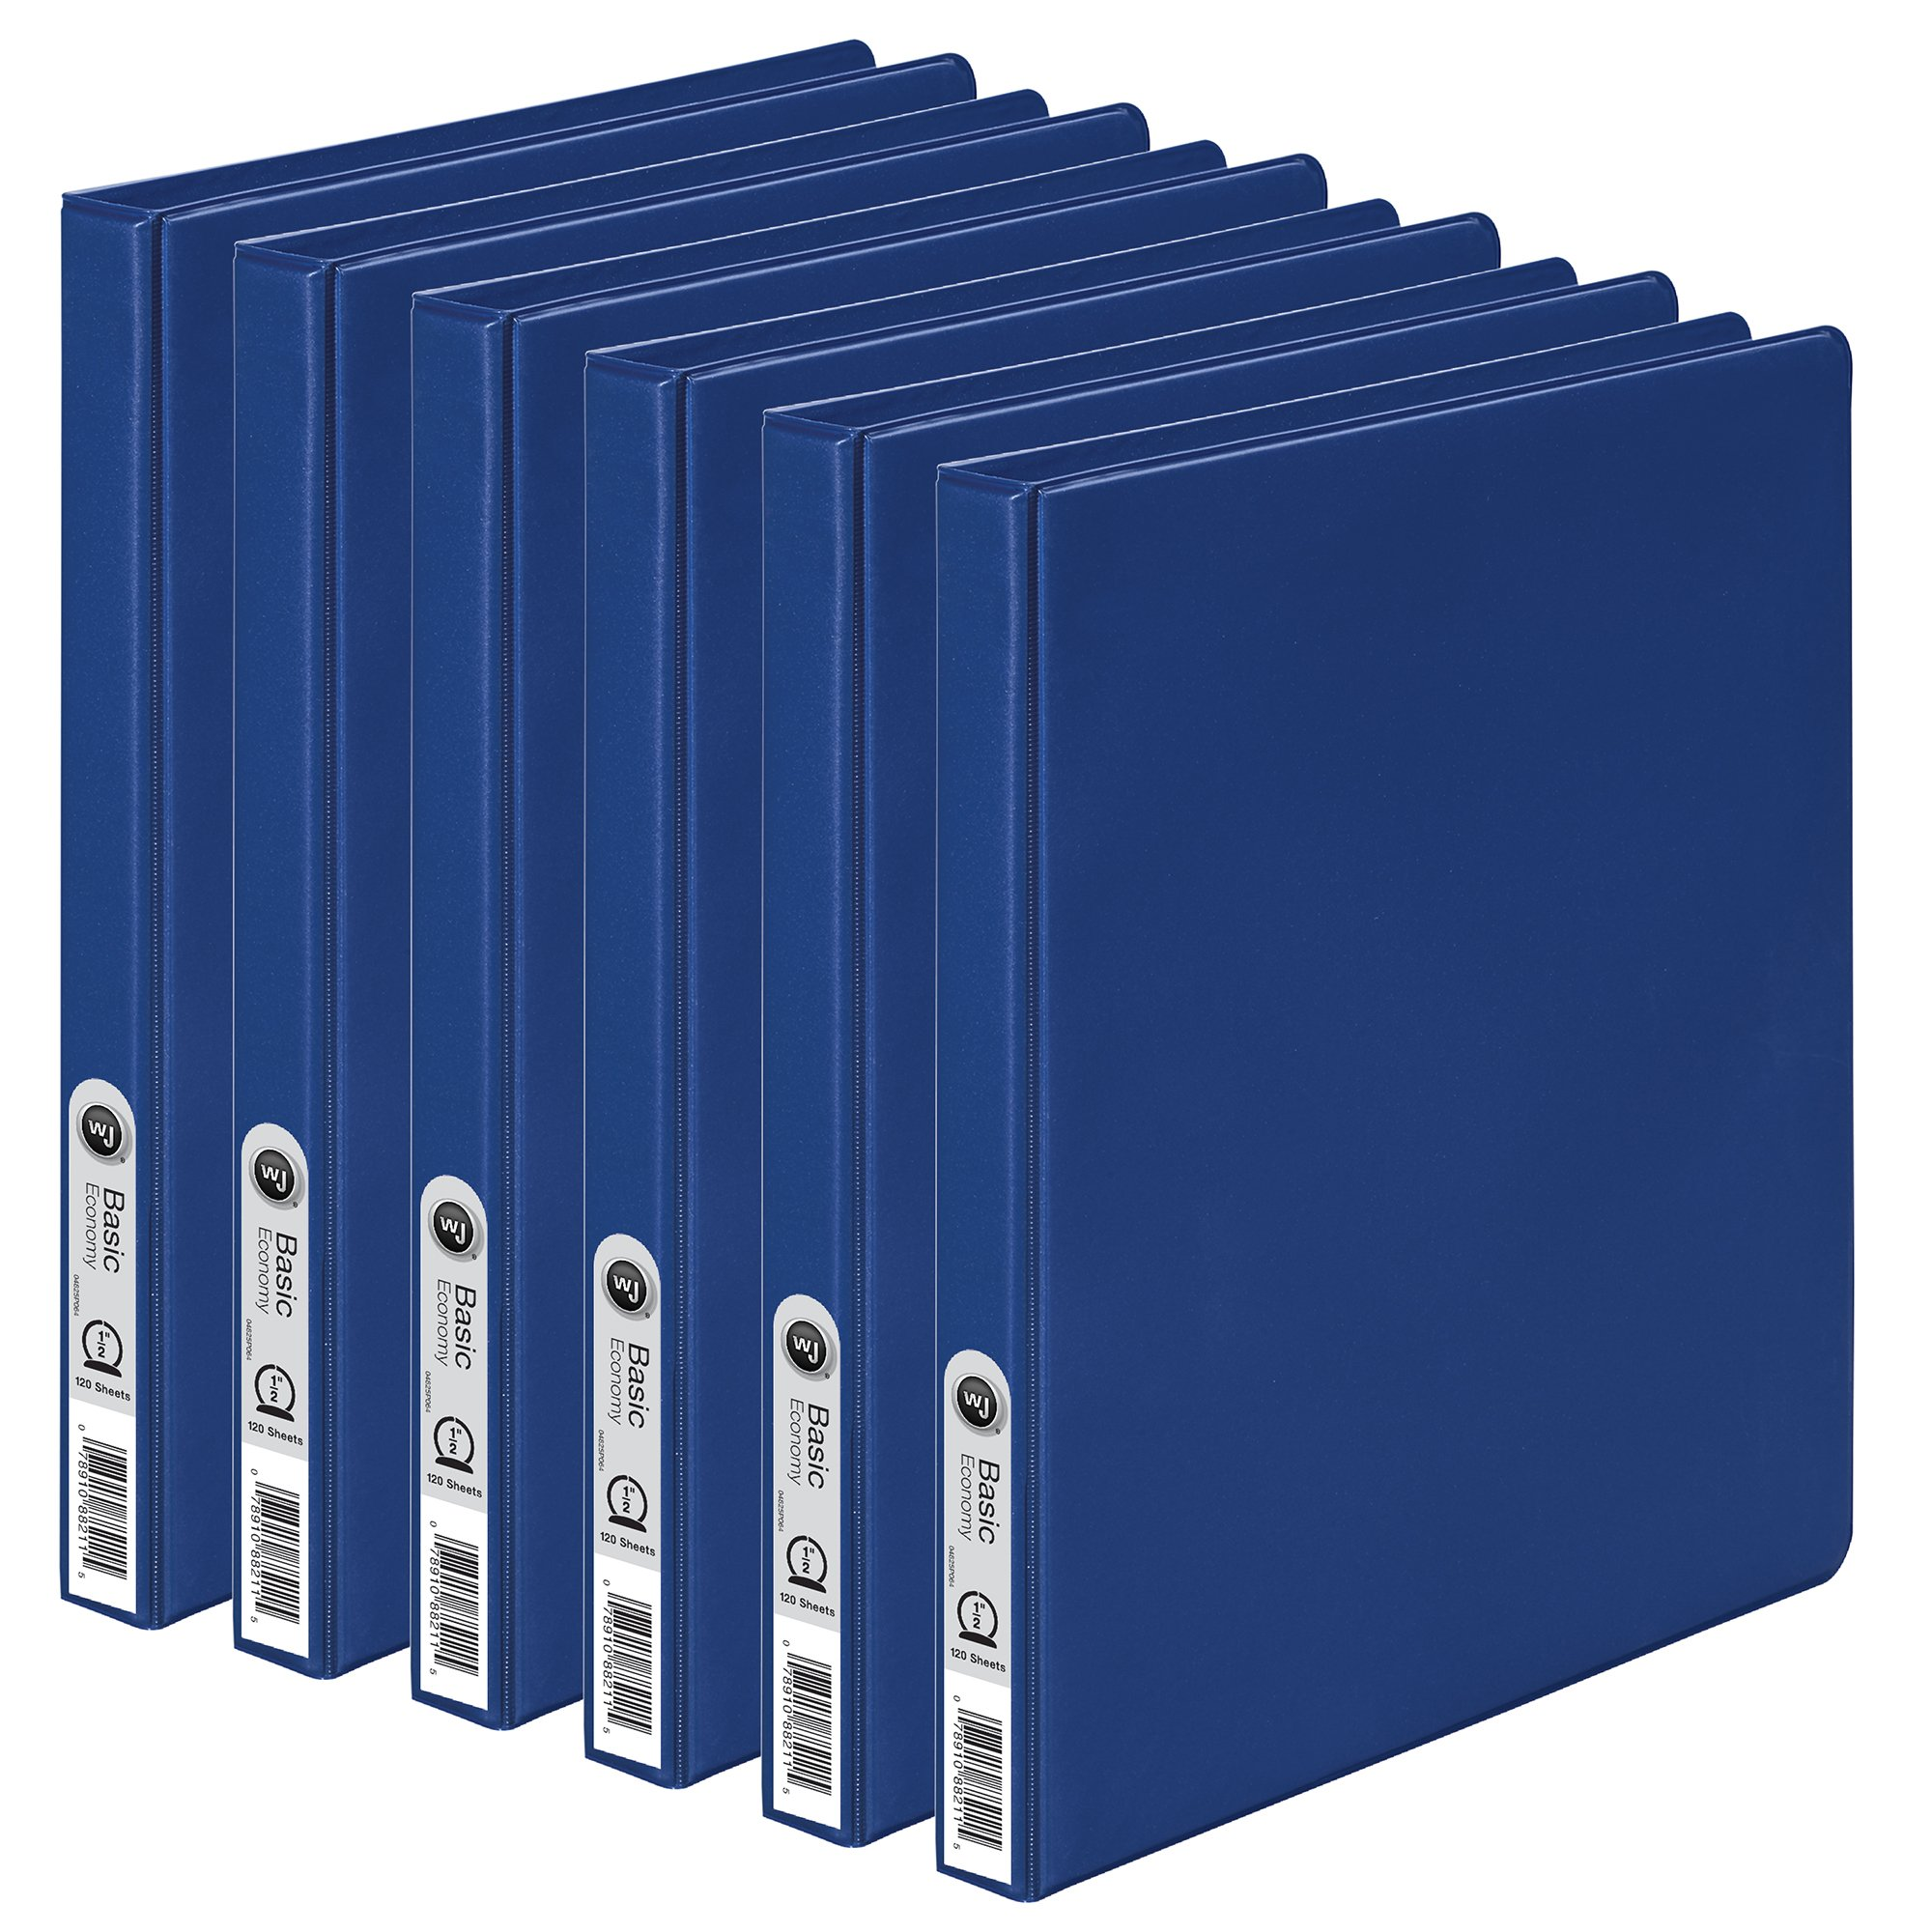 Wilson Jones Round Ring Binder, 1/2'', Blue, 6-Pack (W70368-13BL)